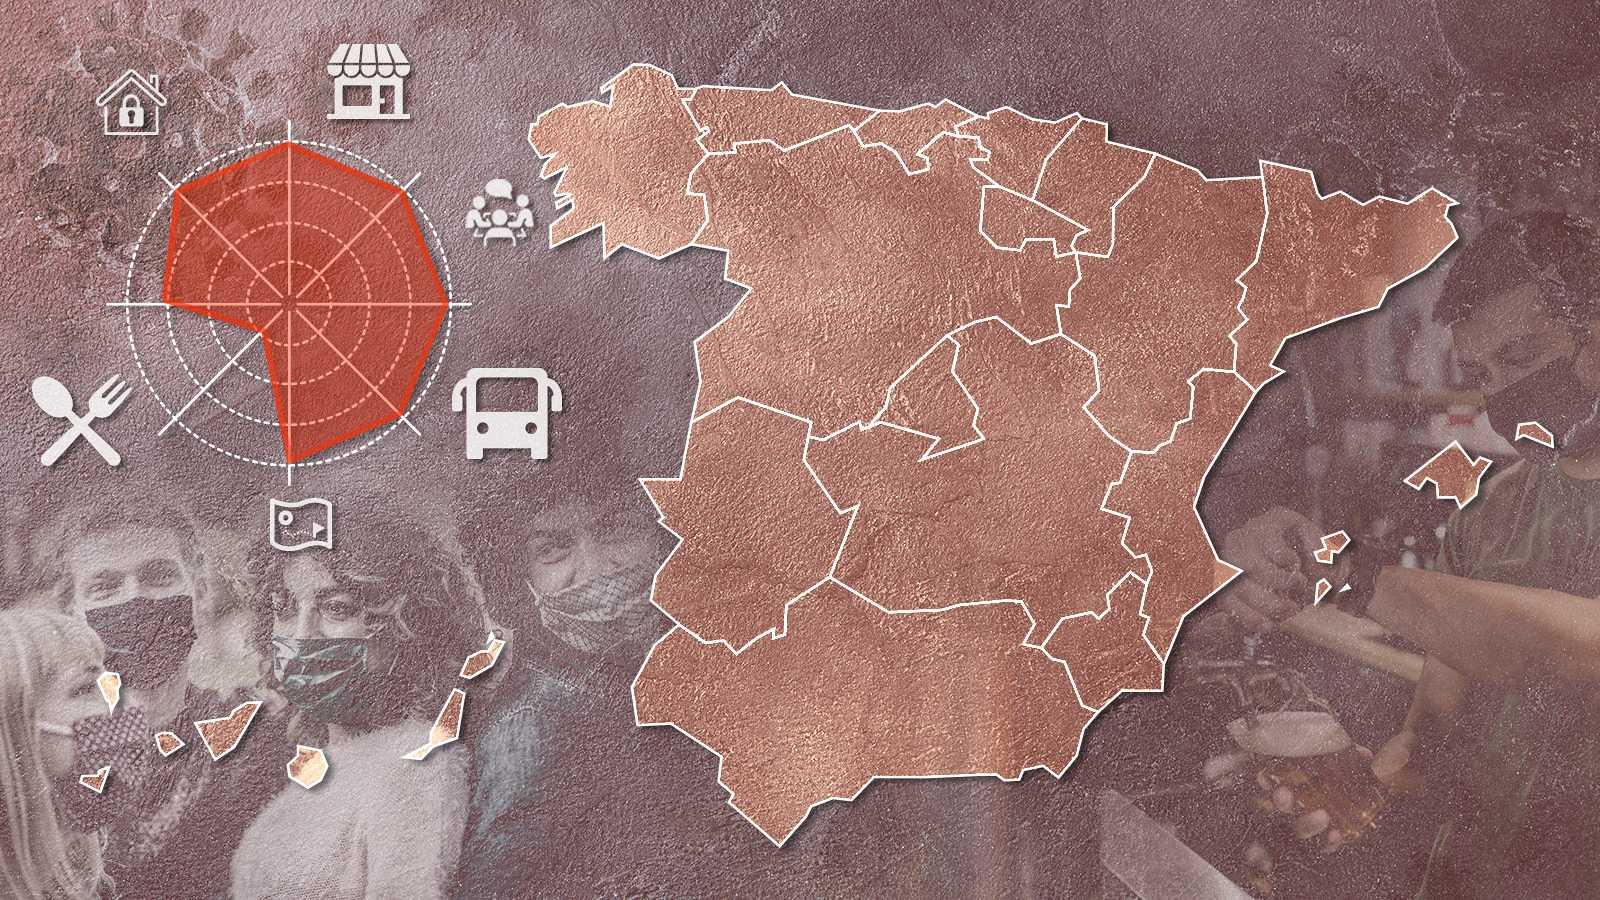 Cierre de bares y restaurantes, confinamientos perimetrales o toques de queda: comparamos en una escala de 1 a 5 las restricciones frente al coronavirus en España.